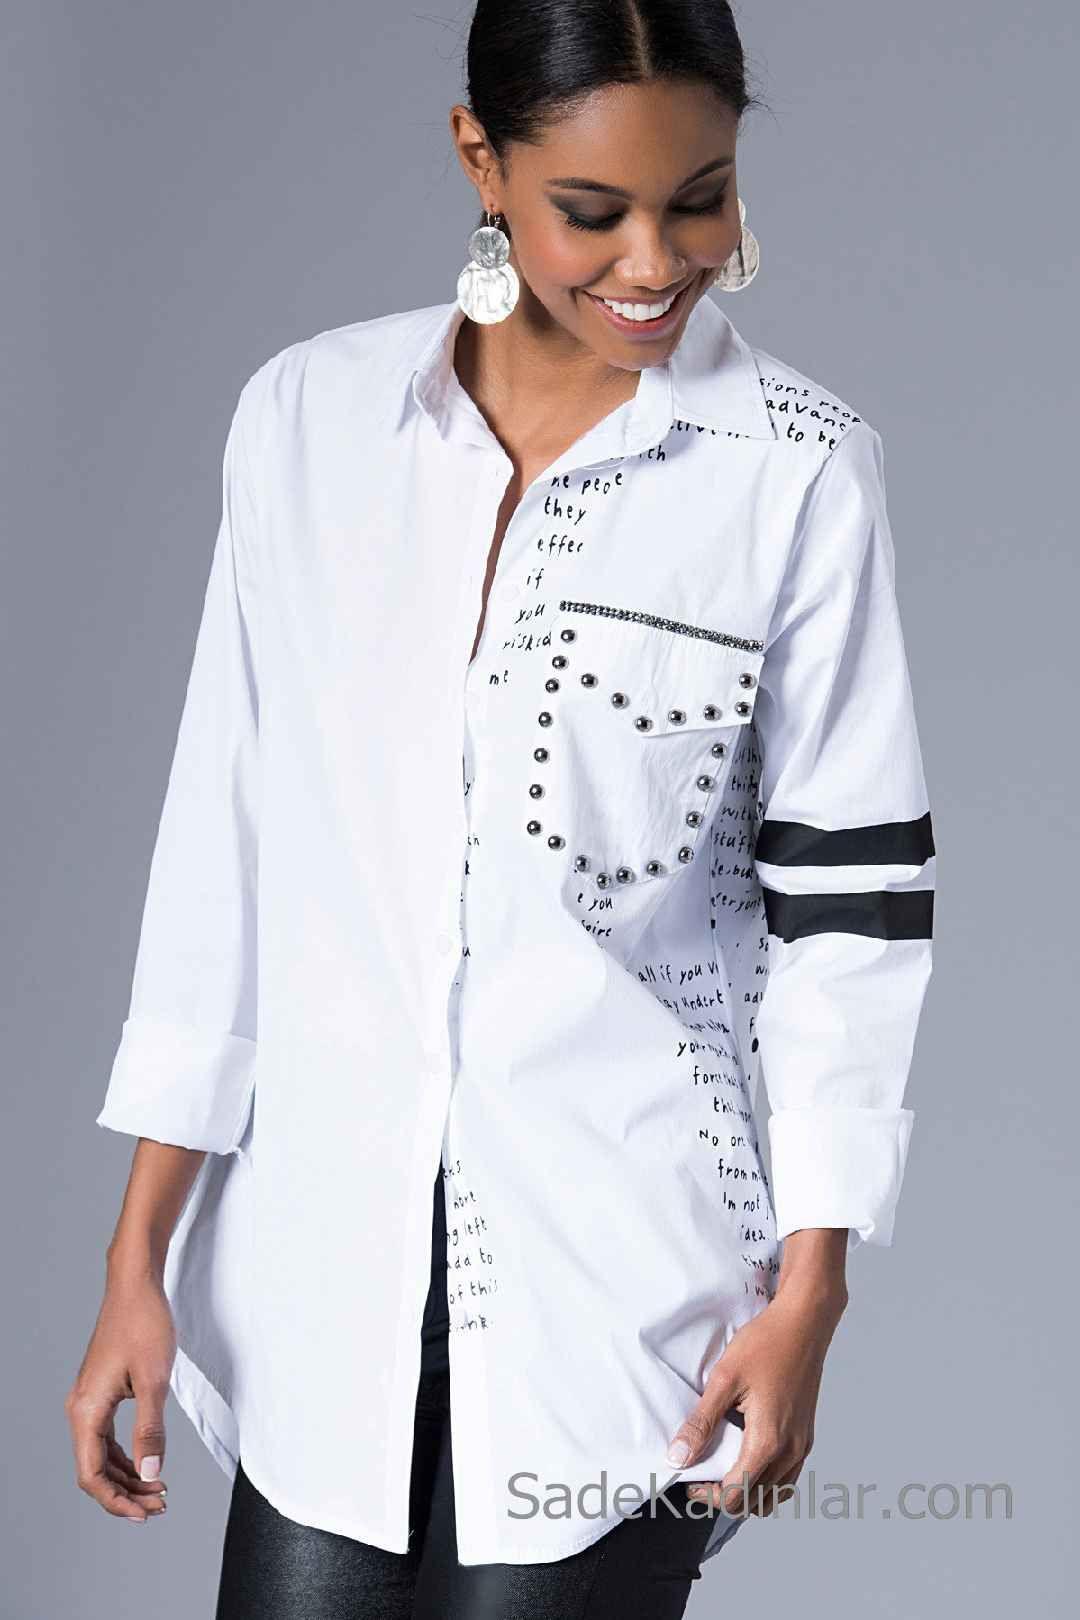 2020 Beyaz Gomlek Modelleri Onden Dugmeli Uzun Kol Metal Aksesuarli Moda Stilleri Kadin Tisort Gomlek